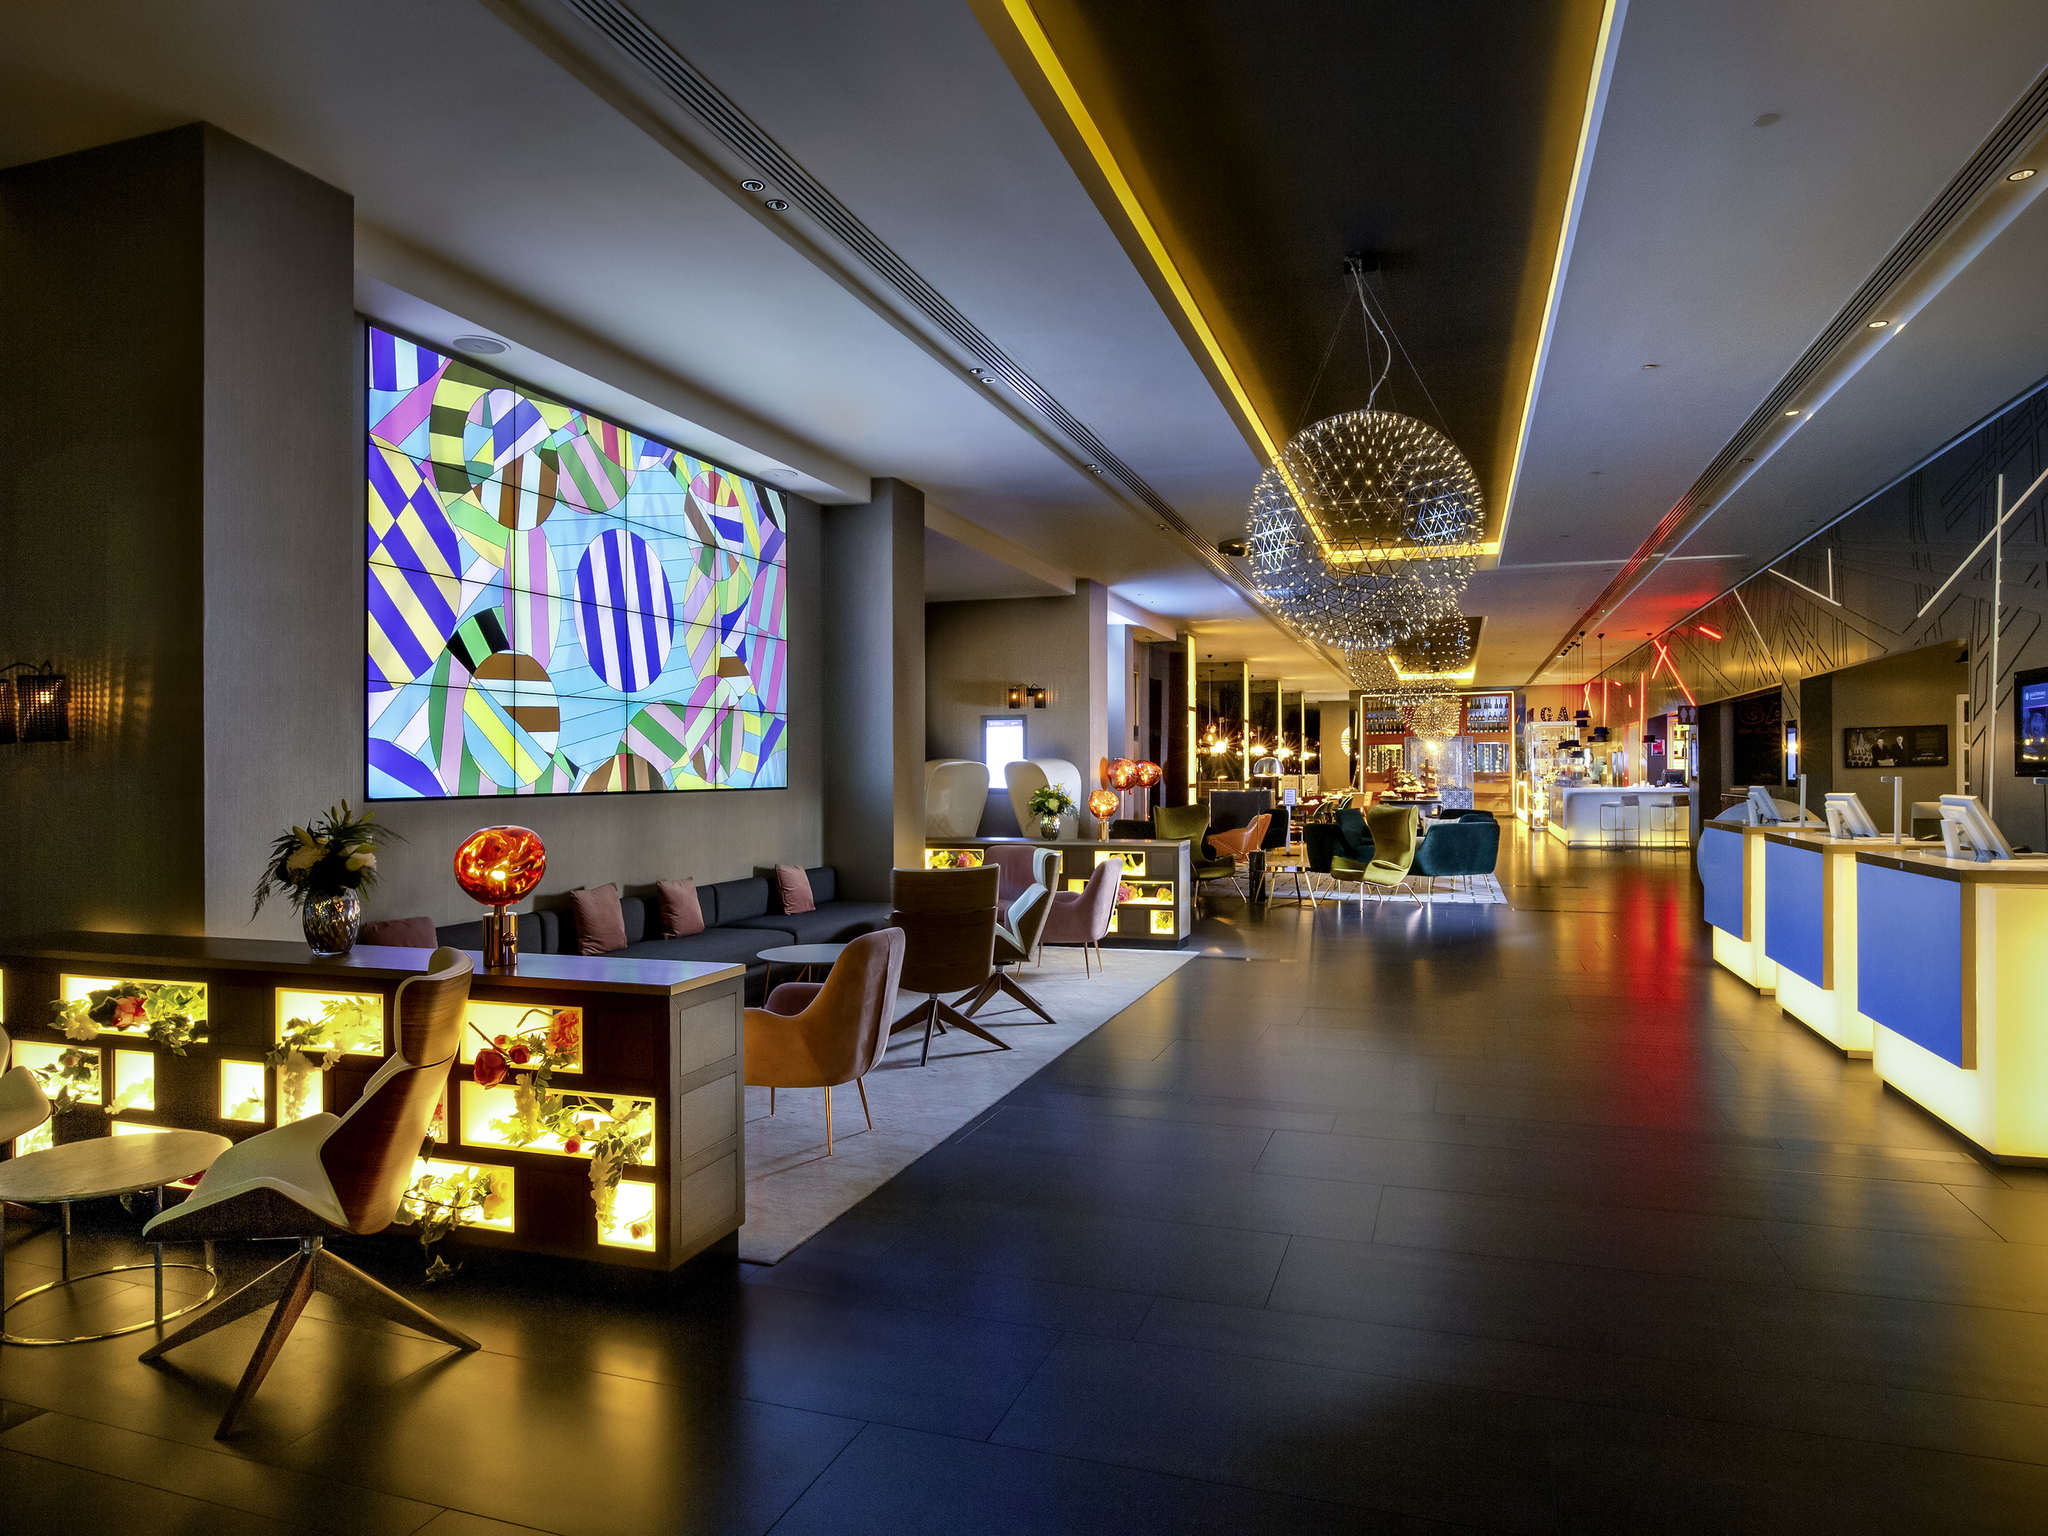 호텔 – 풀만 런던 세인트 판크라스(구 노보텔)